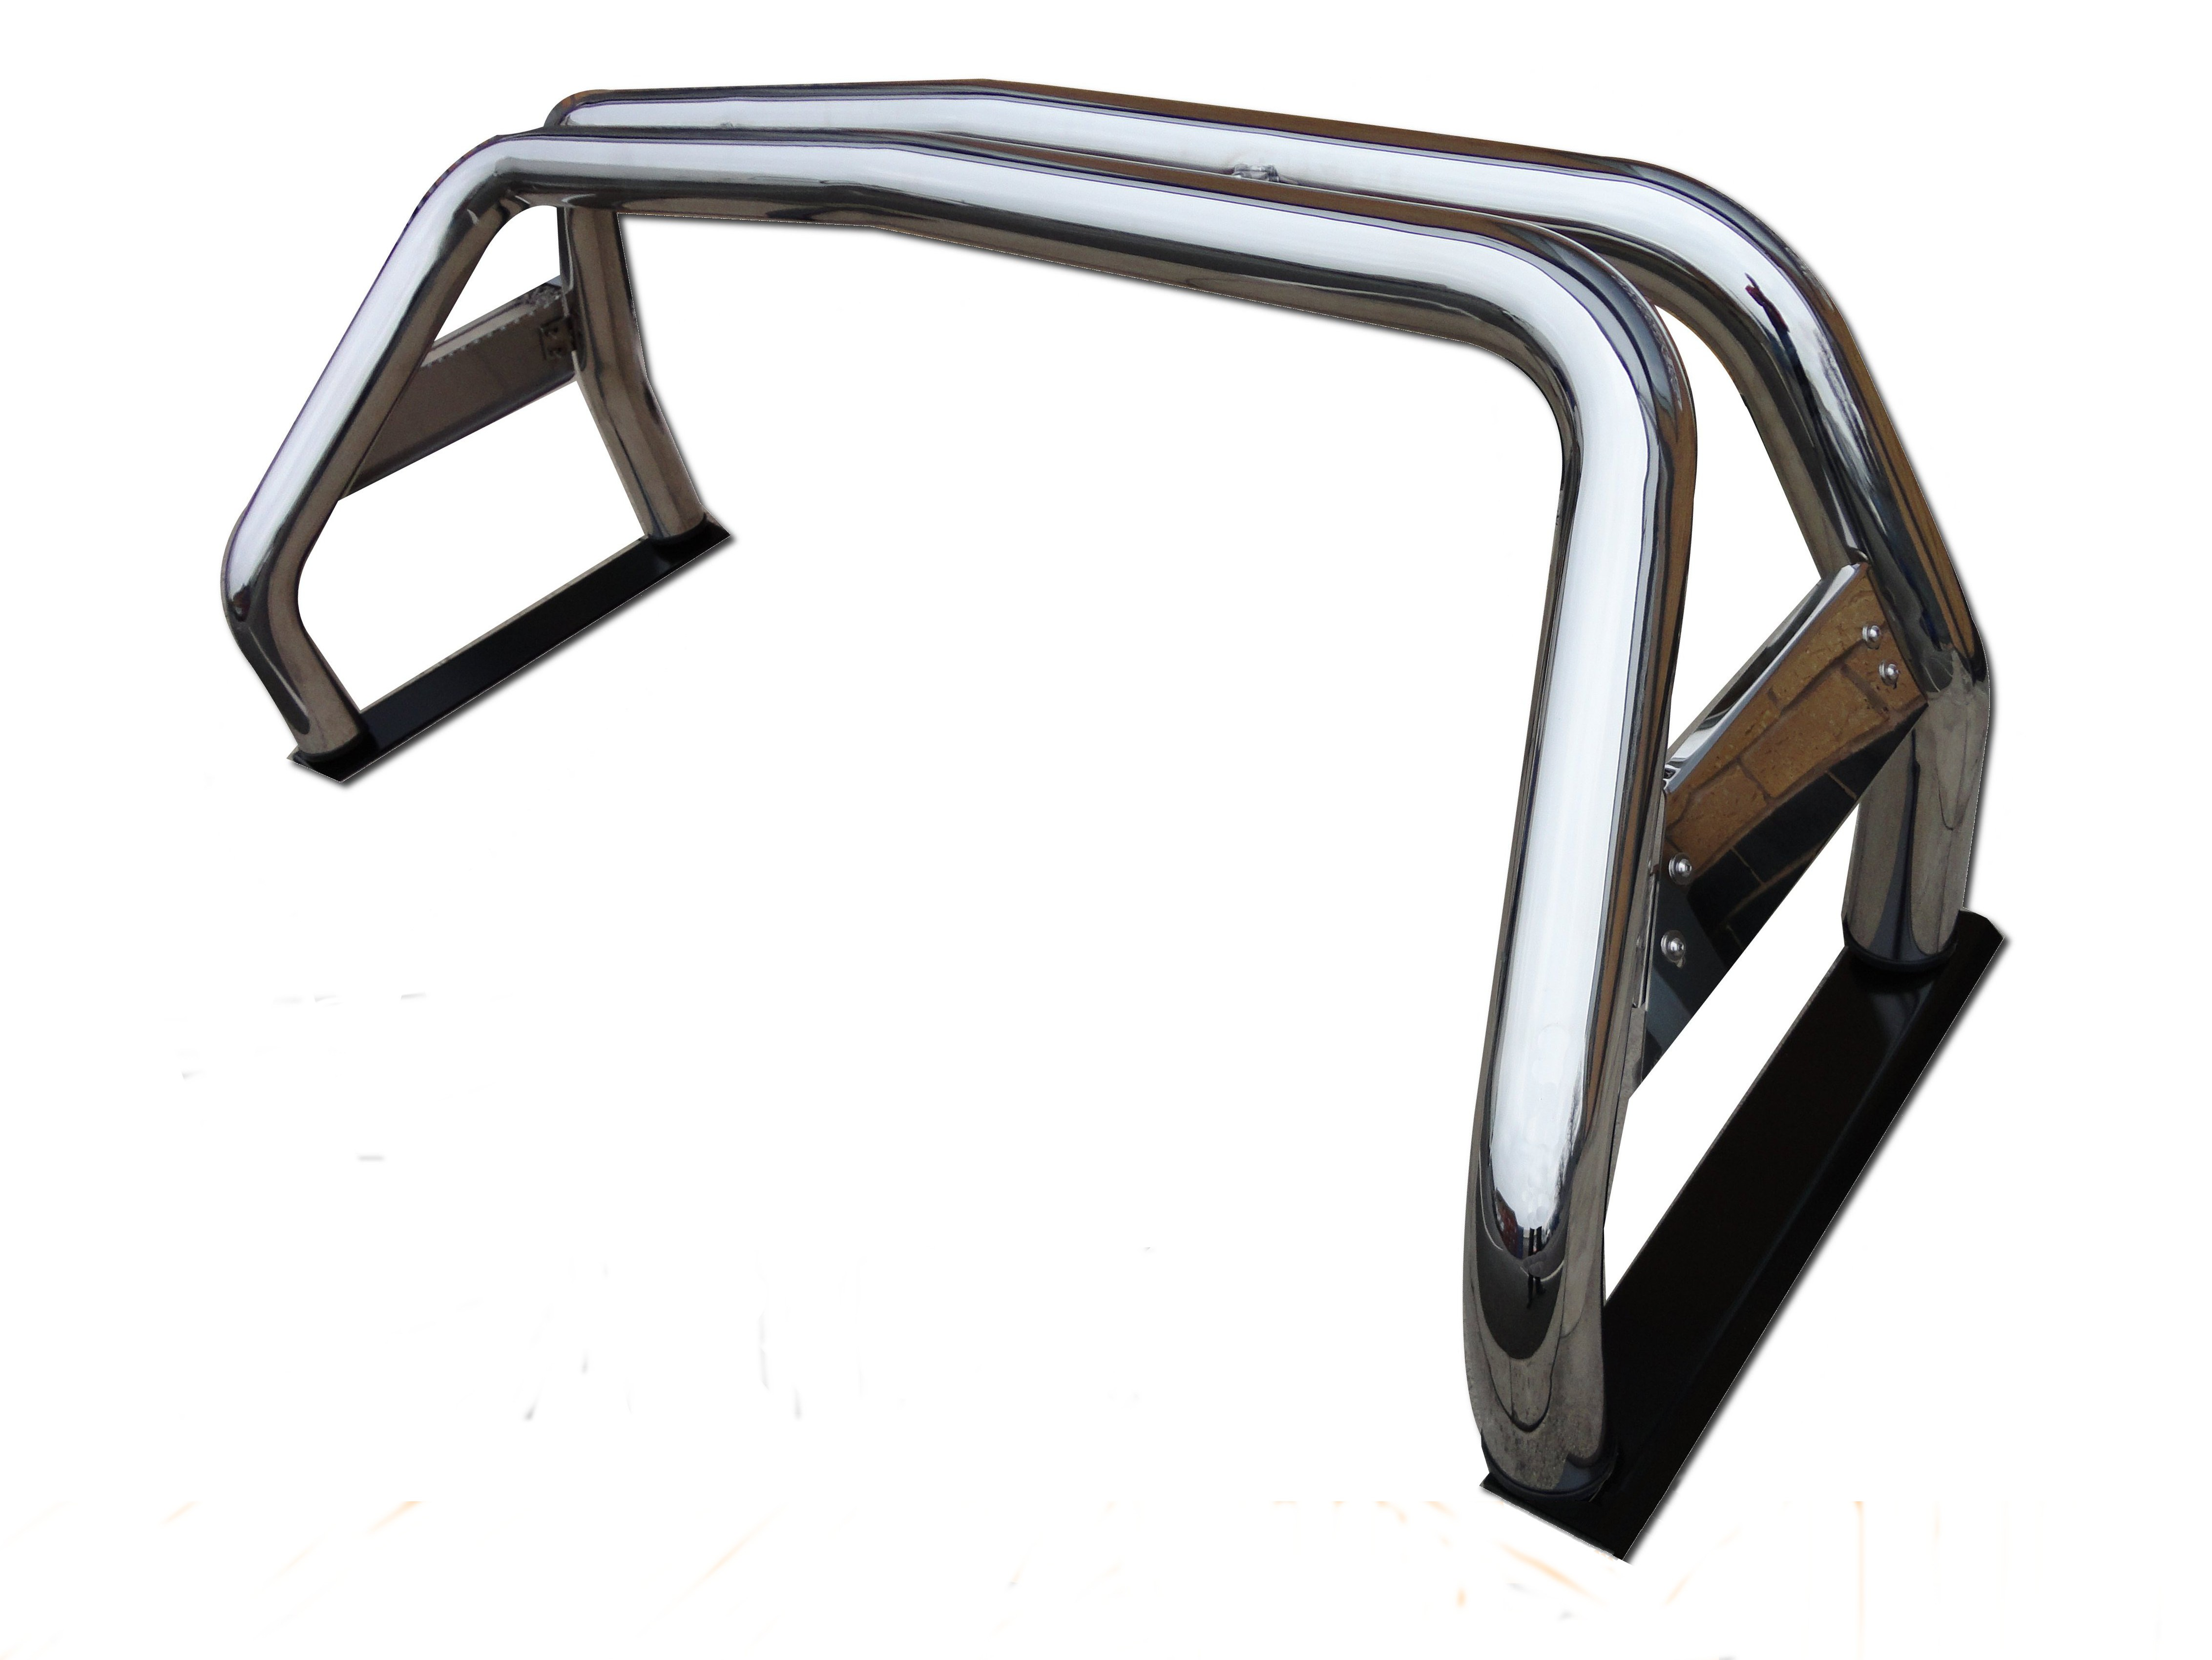 vw amarok 3 inch 76mm roll bar sports bar rollbar sportsbar bedbar replace ebay. Black Bedroom Furniture Sets. Home Design Ideas